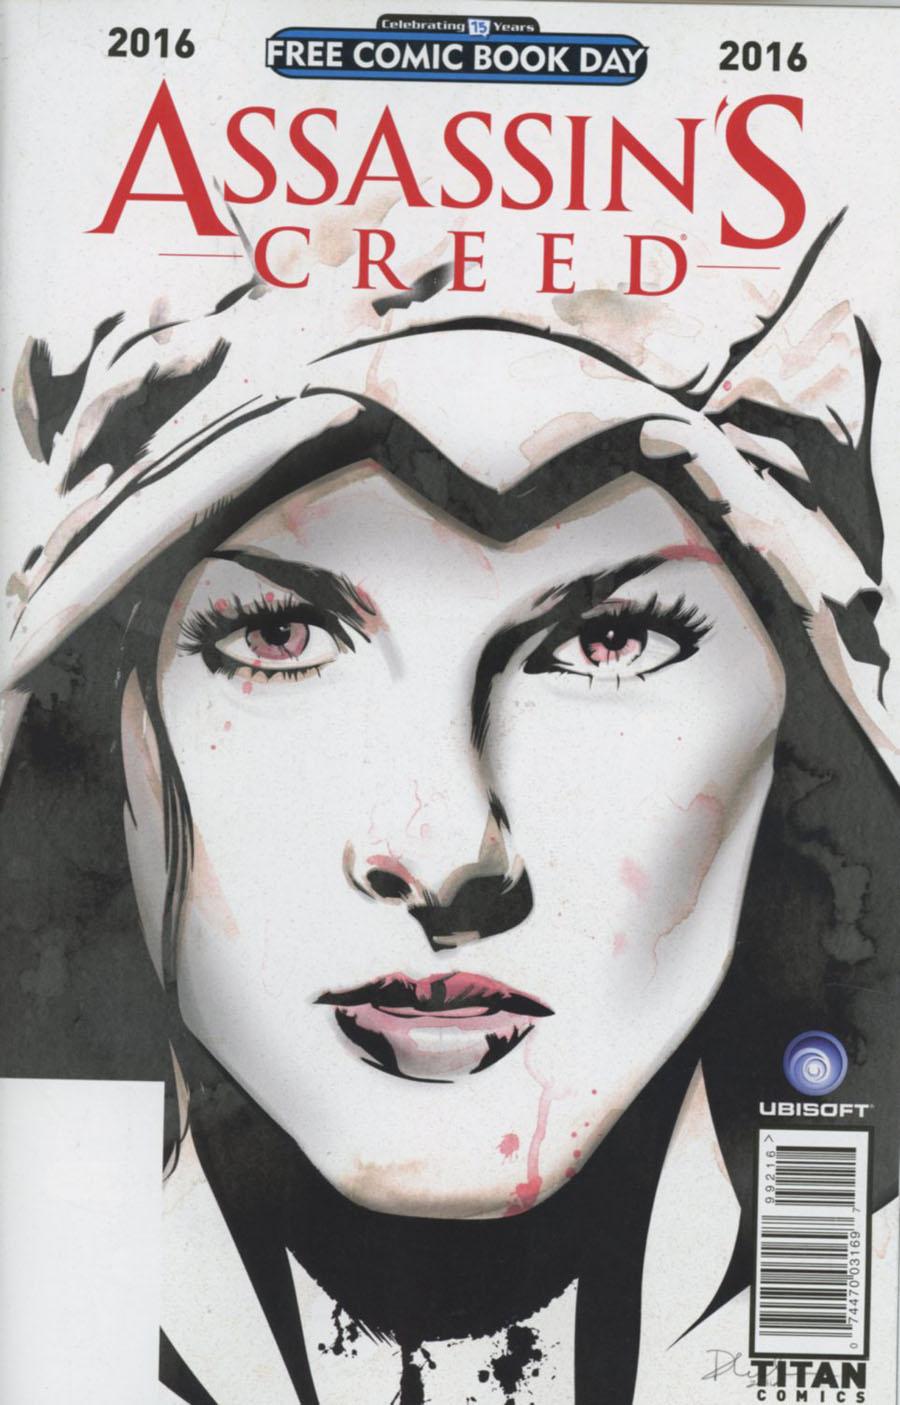 Assassins Creed FCBD 2016